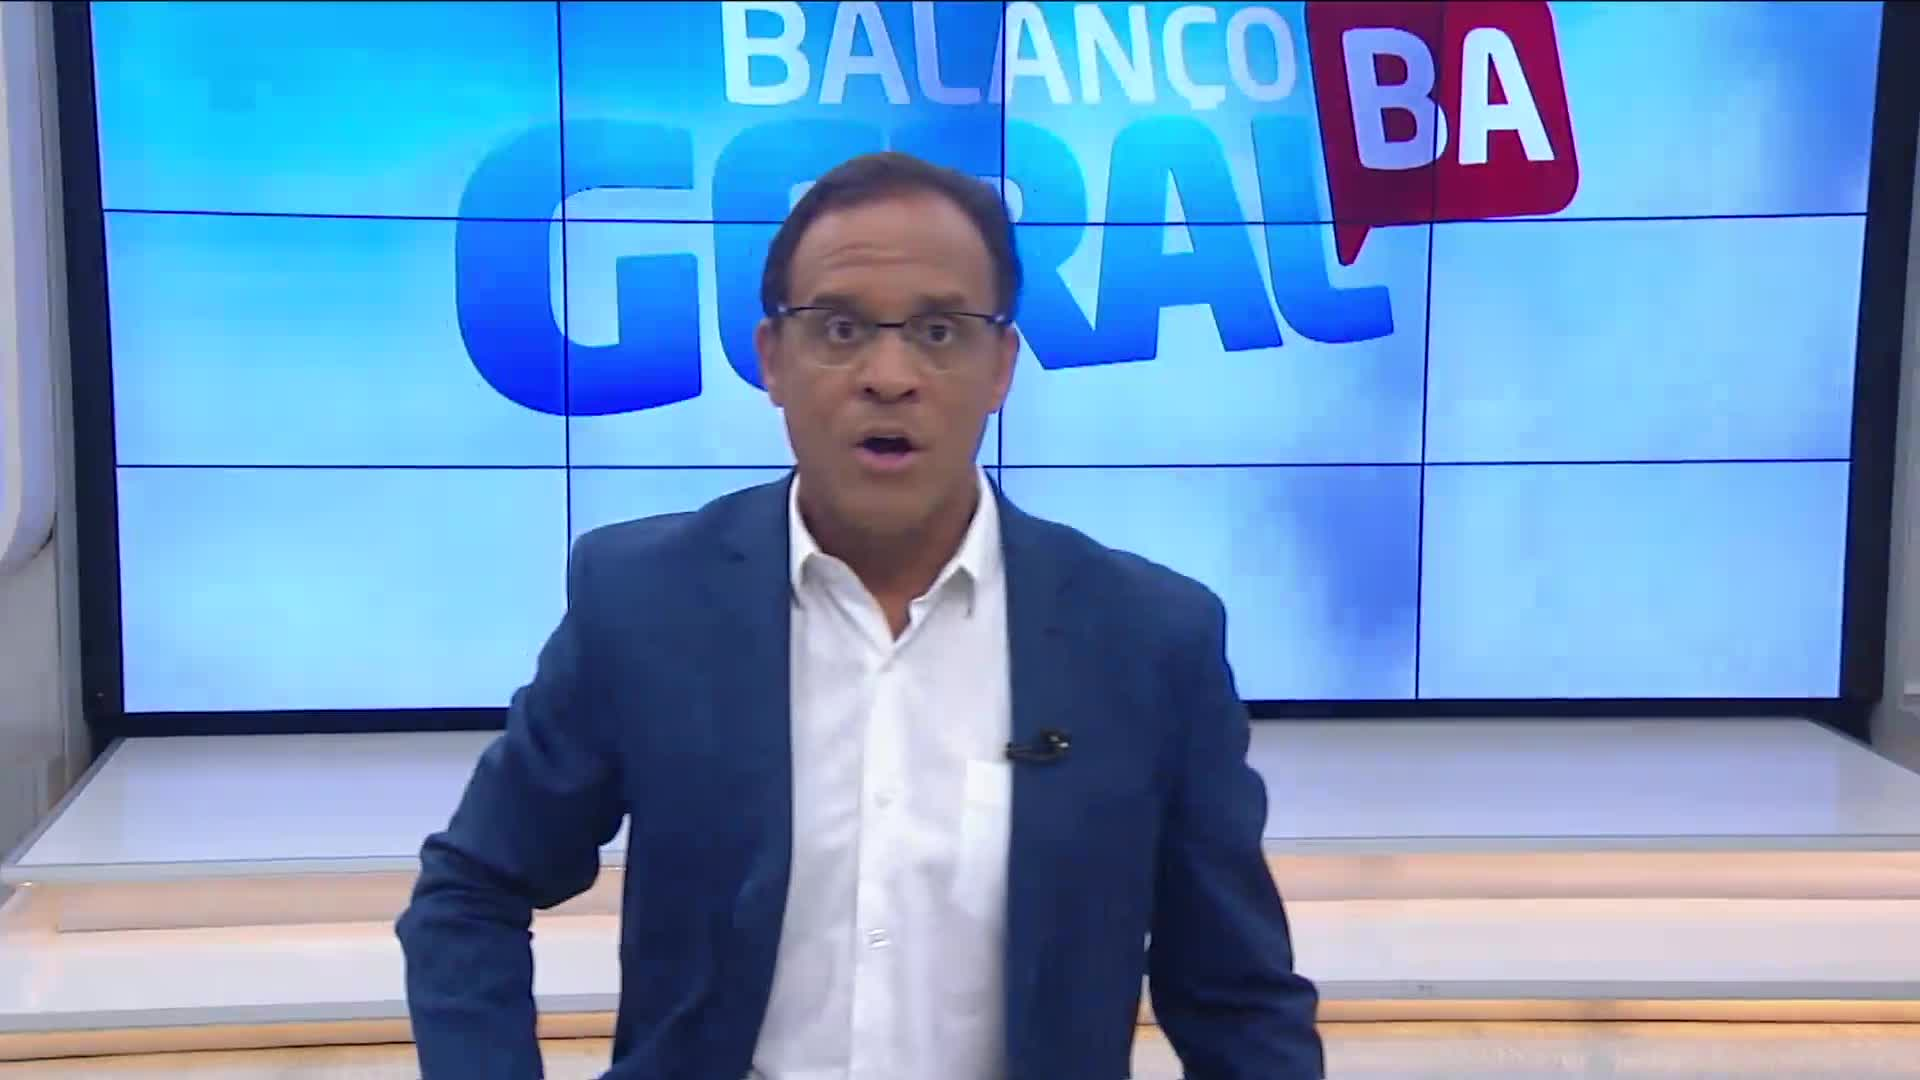 Presidente do PROS Eurípedes Júnior é procurado pela PF após ordem de prisão